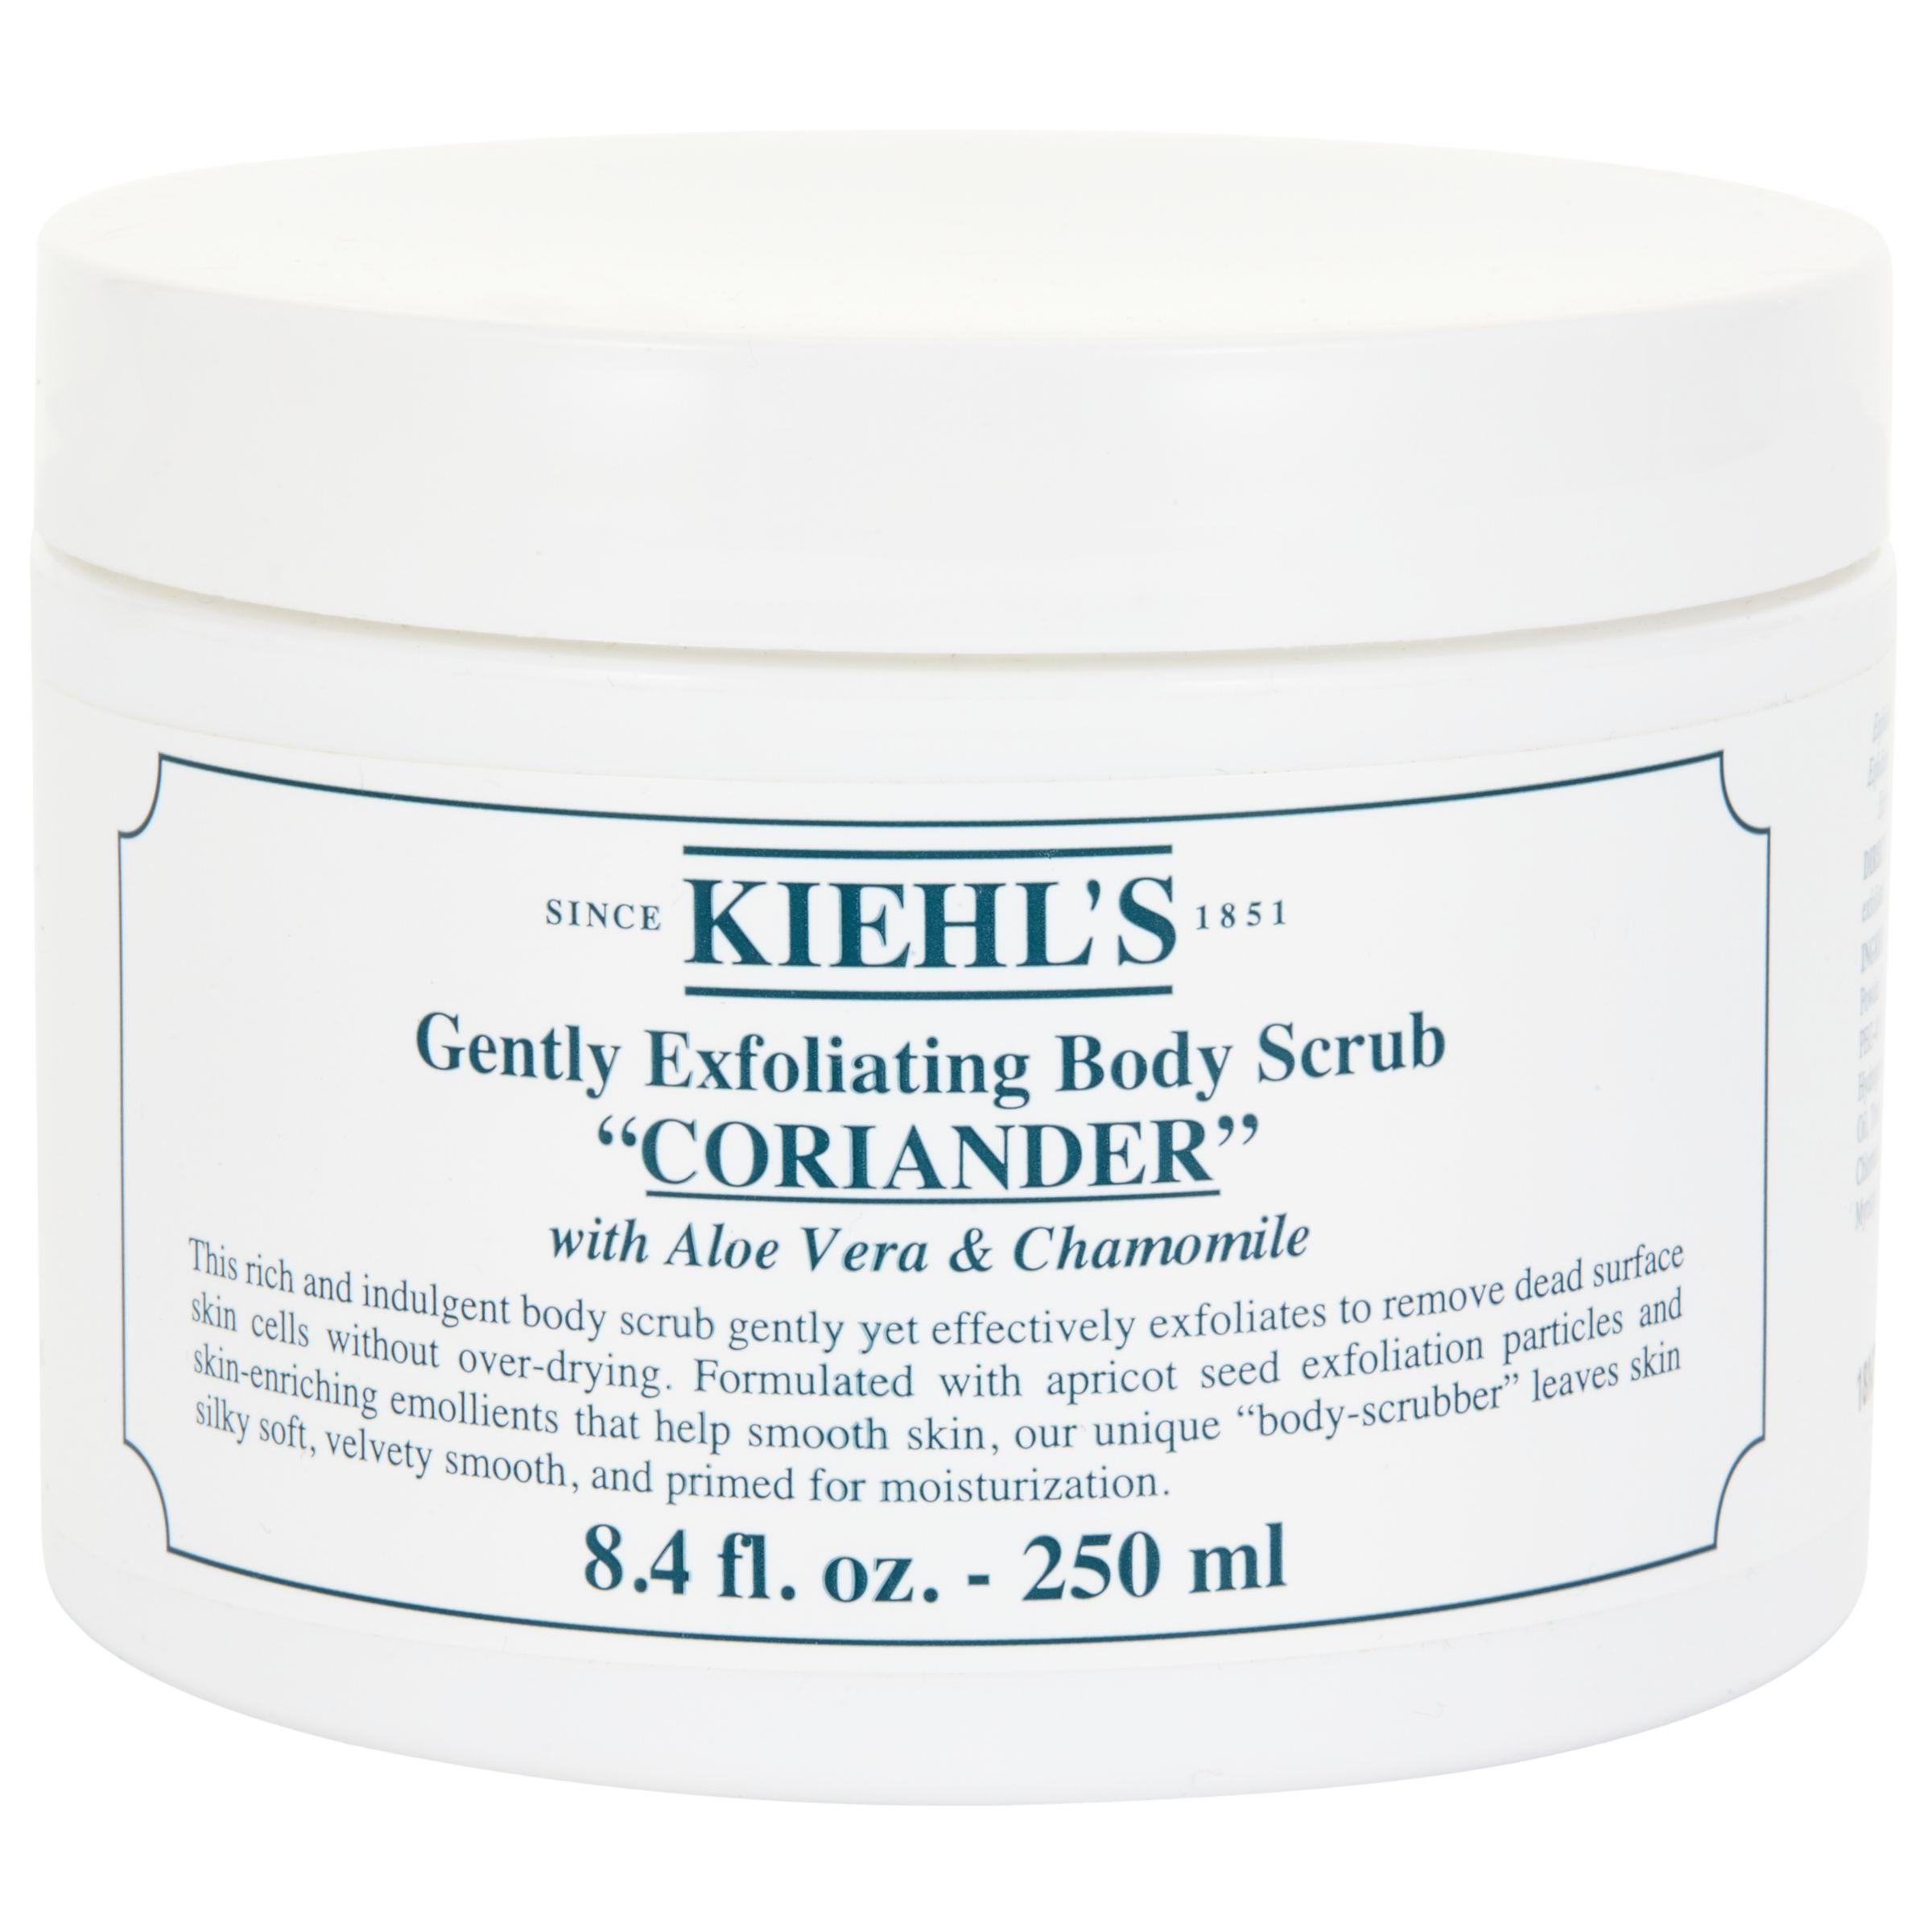 Kiehls Kiehl's Coriander Gently Exfoliating Body Scrub, 250ml